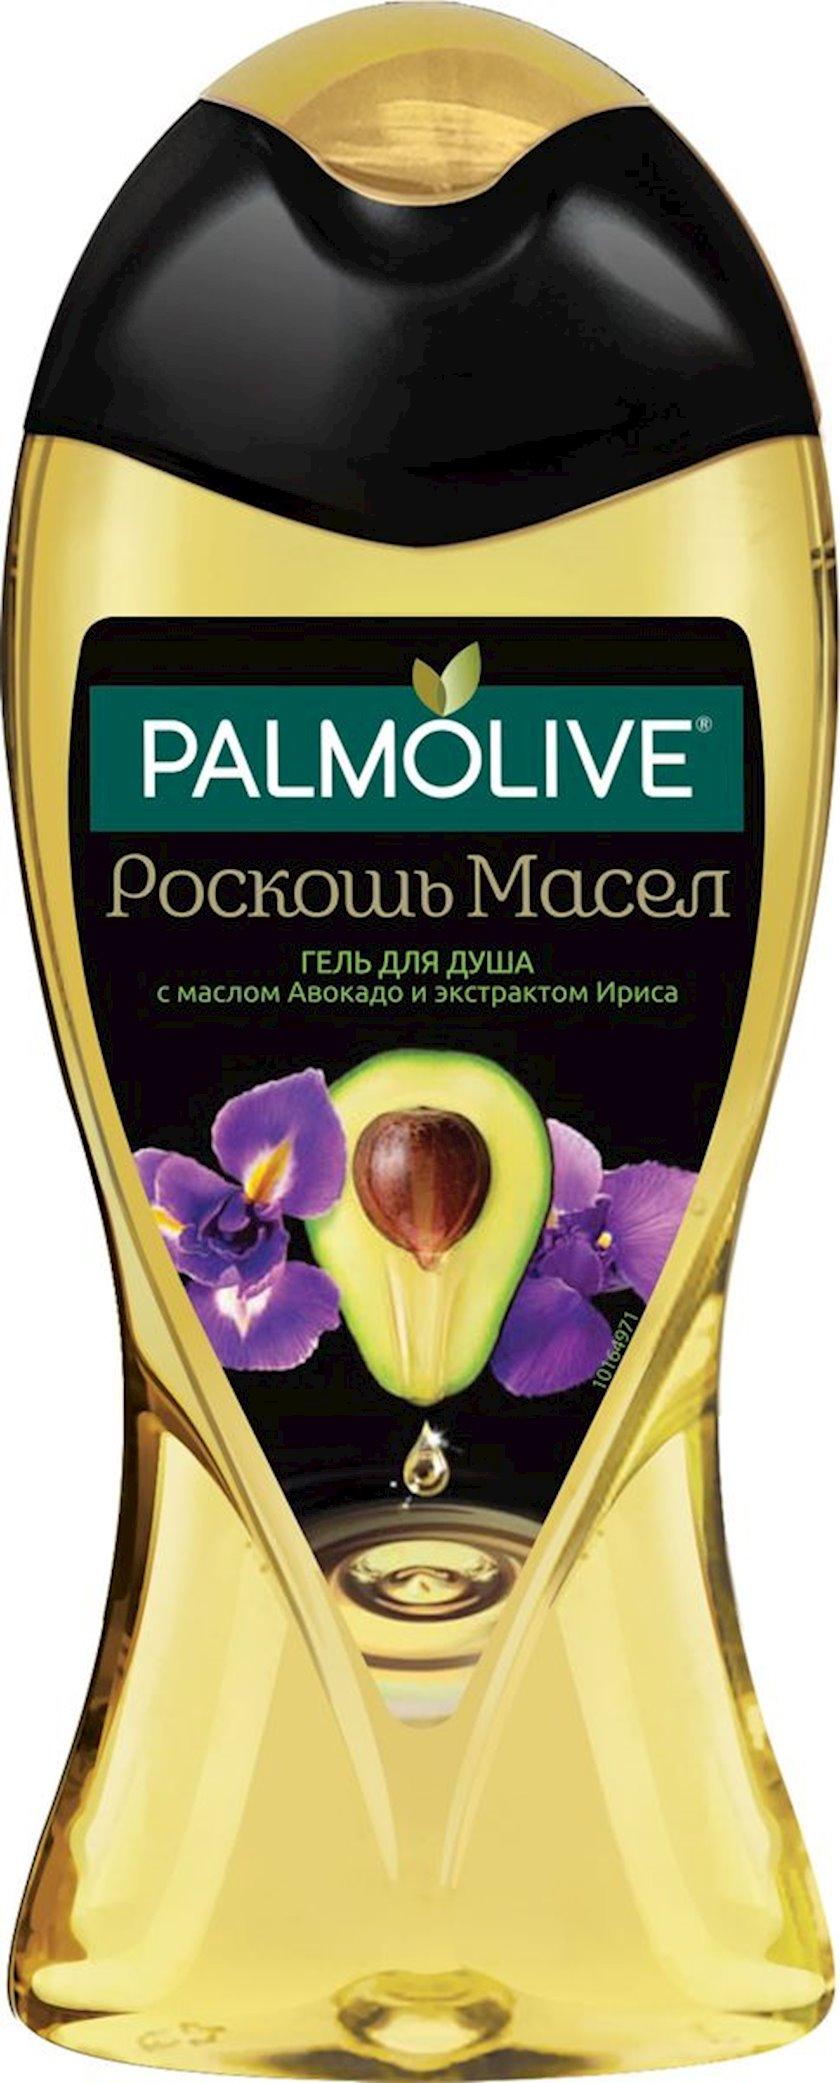 Gel duş üçün Palmolive Yağların dəbdəbəsi avokado və iris ekstraktı ilə 250 ml